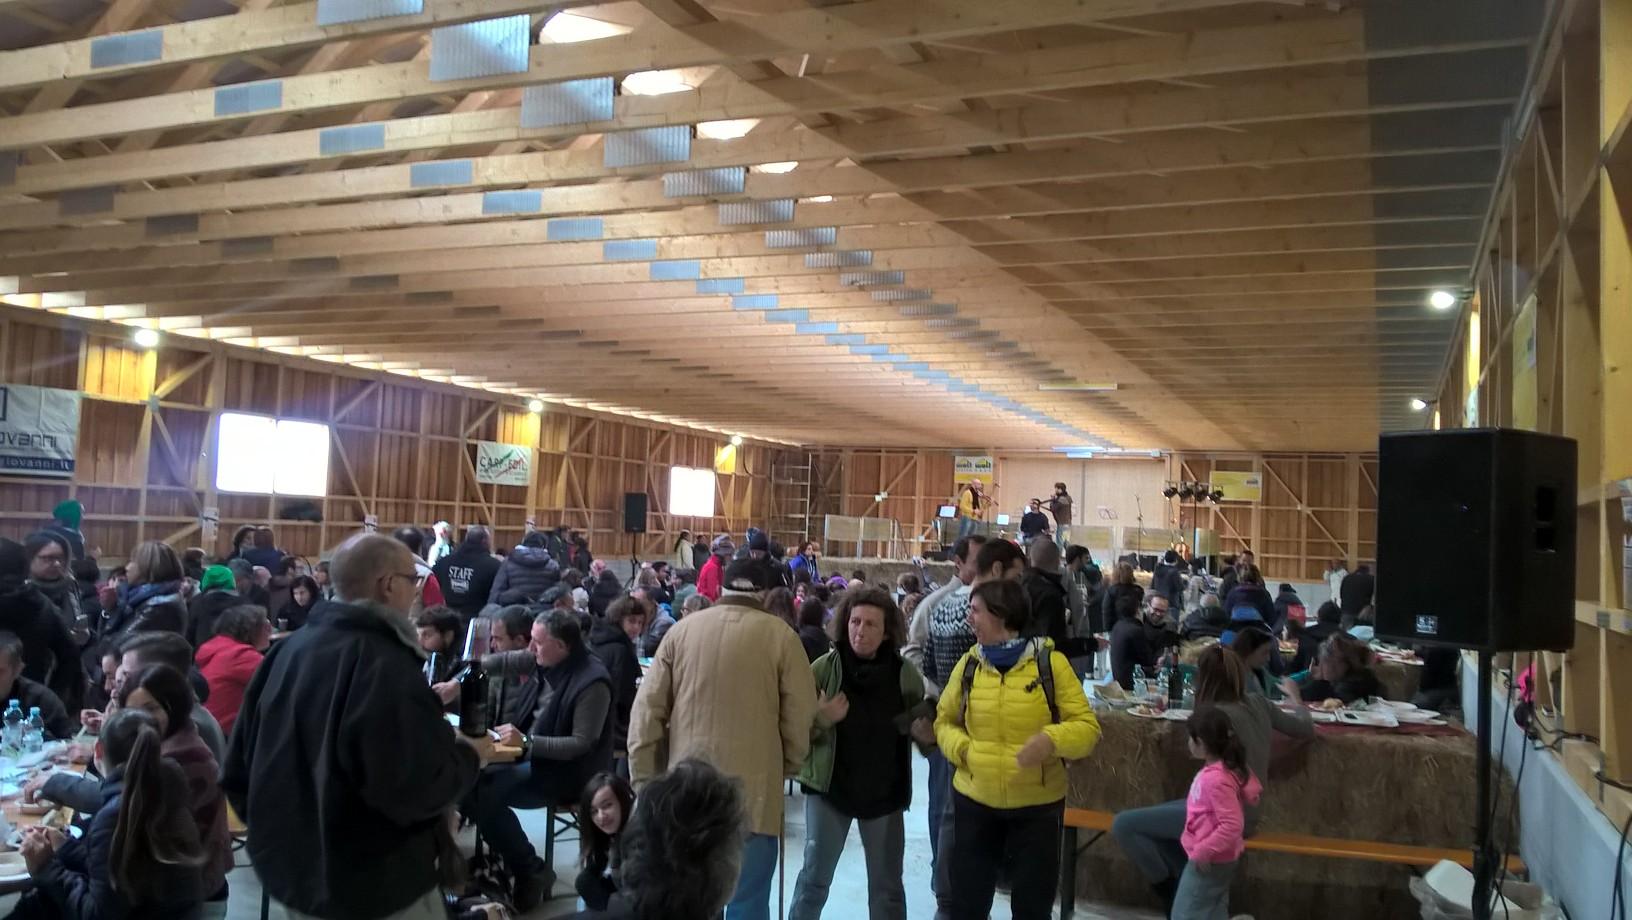 La nuova stalla della tenuta agricola Scolastici durante l'evento di EpiCentro